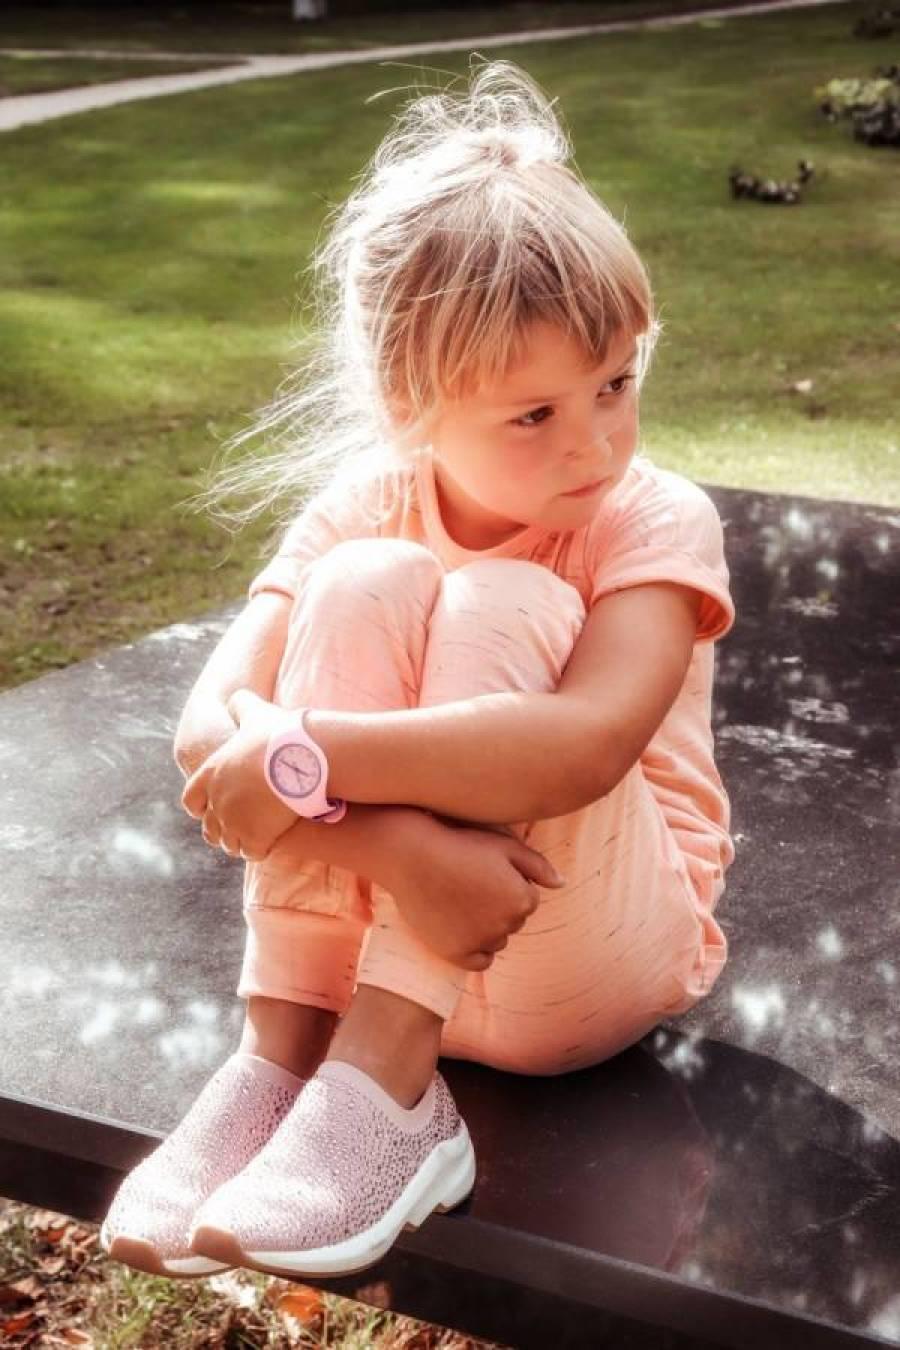 2009 2019 0225446405230476778905 01 - 8 dingen die je van je kind kunt/zou moeten leren